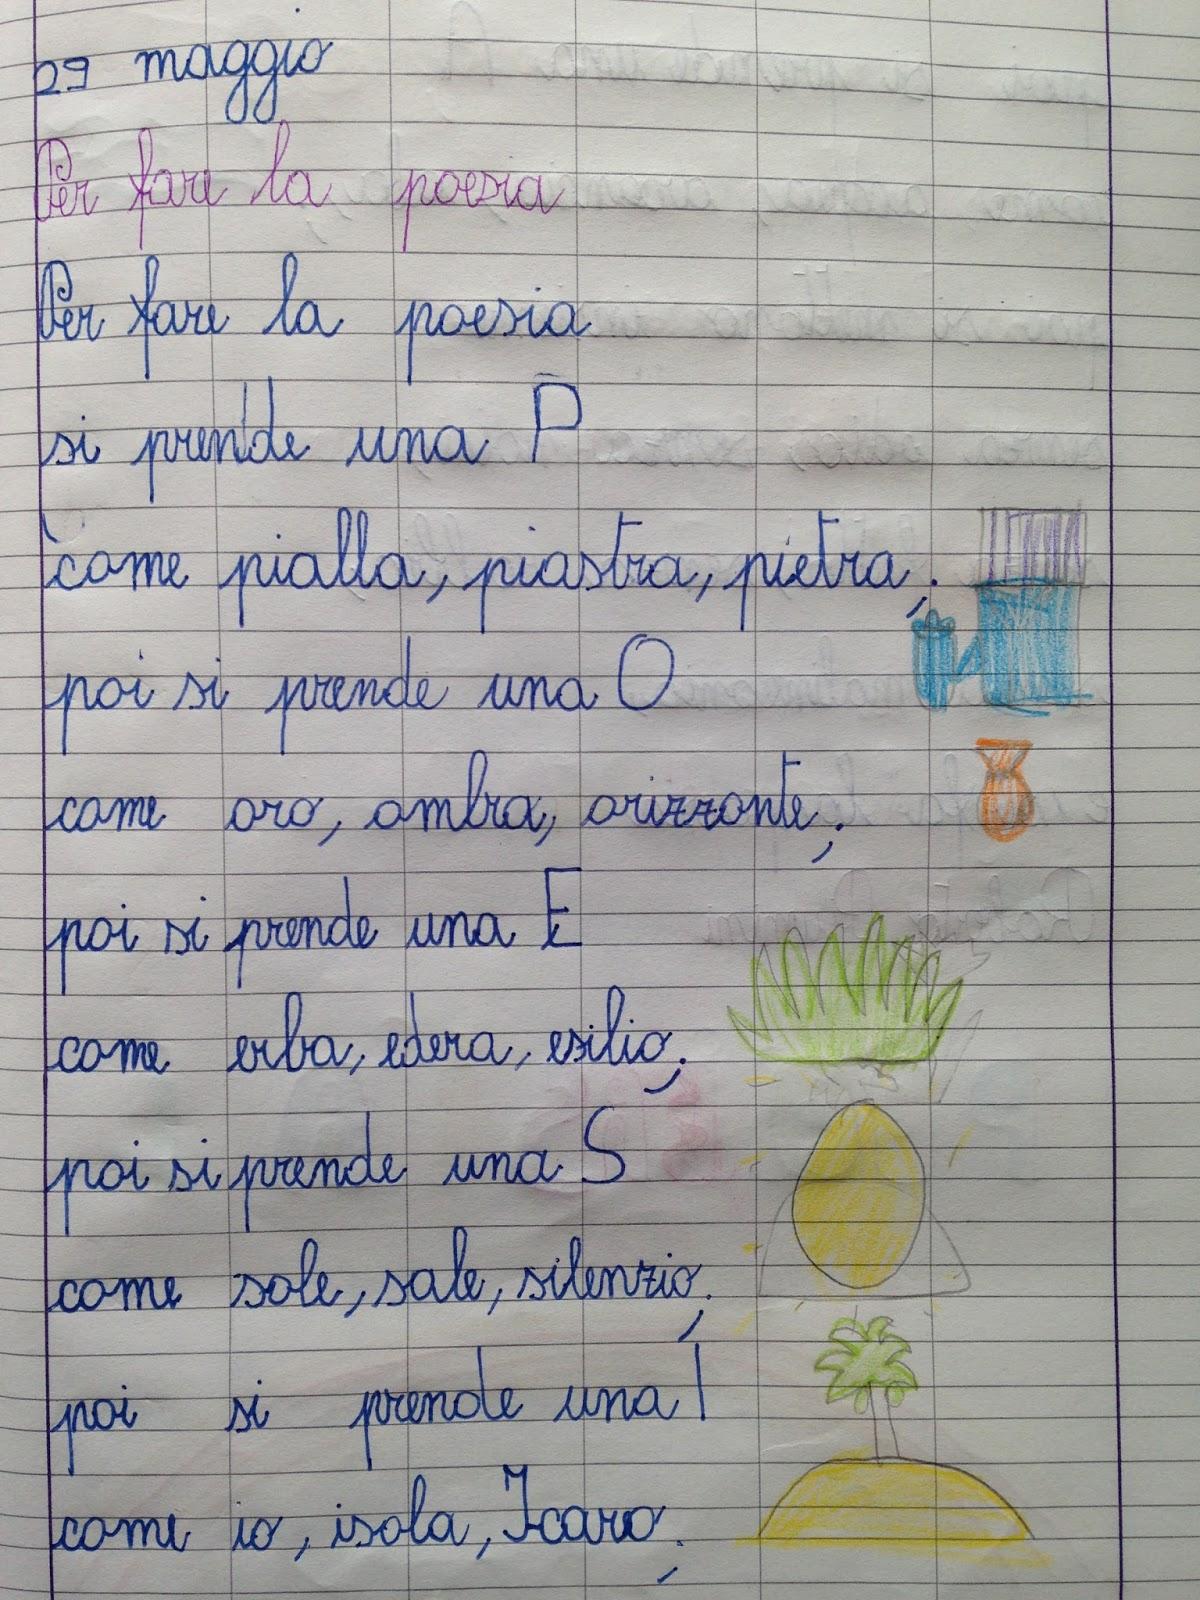 Poesie Di Natale Piumini.Poesie R Piumini